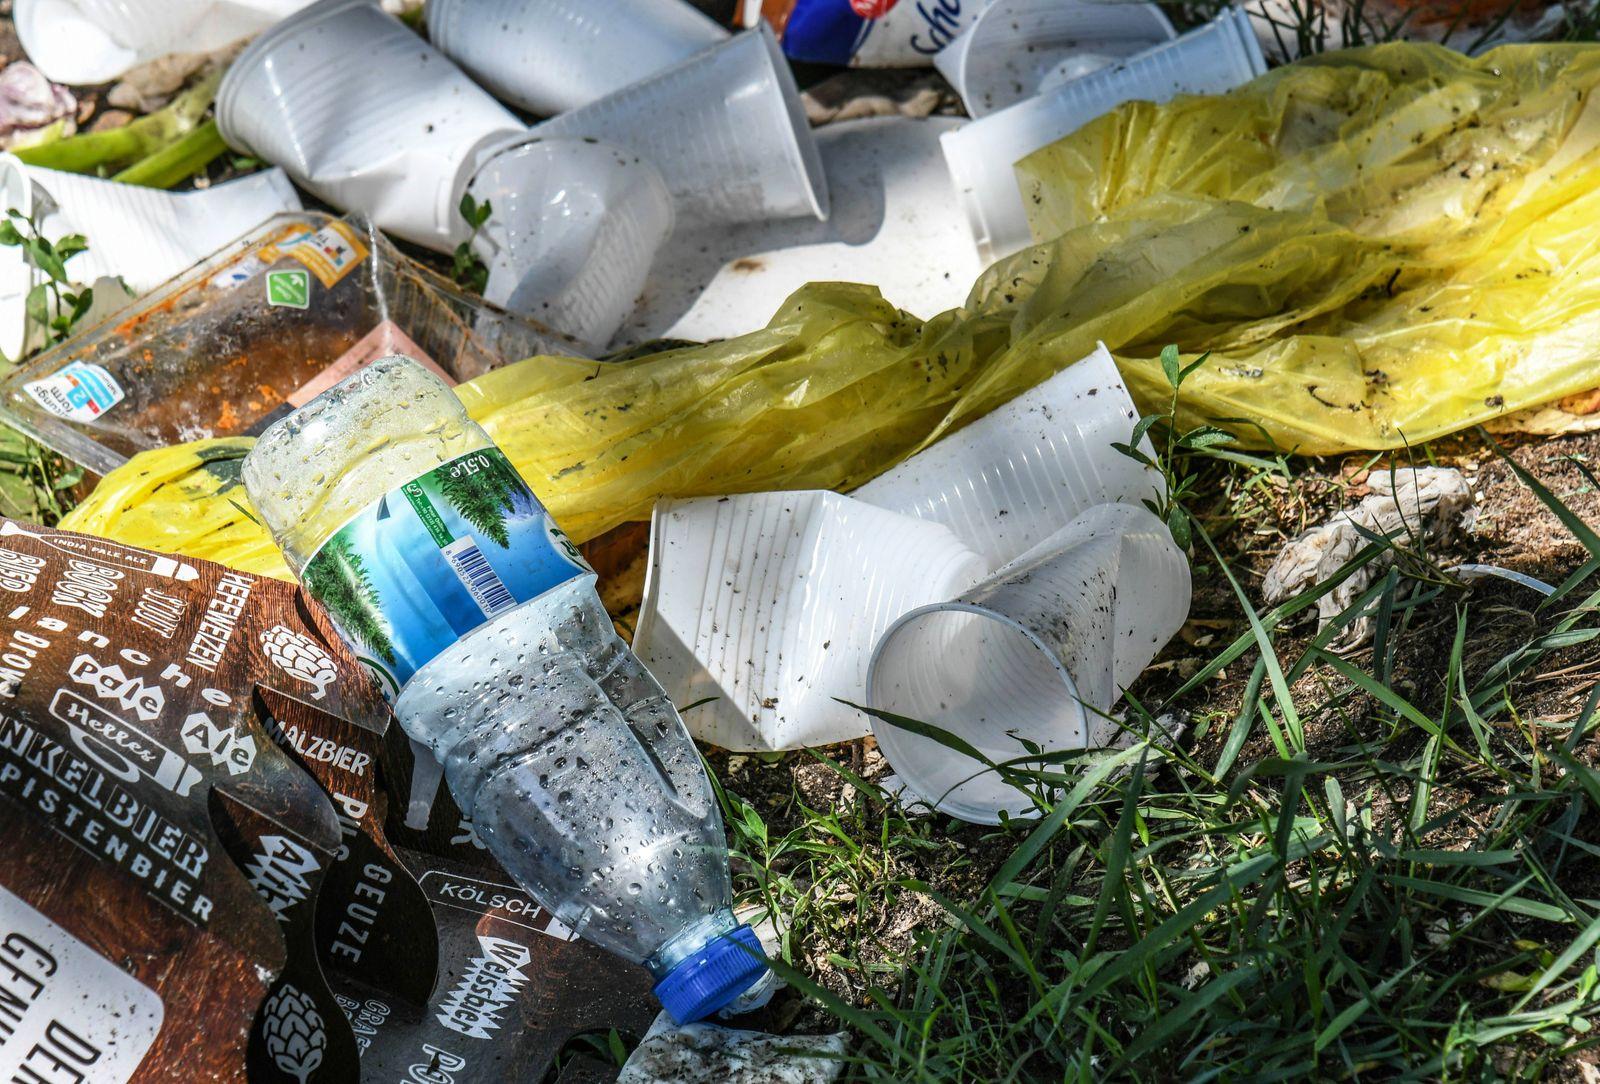 Wegwerfgeschirr Plastikm¸ll Umweltvandalismus nach einem Picknick in einem Berliner Stadtpark Fri